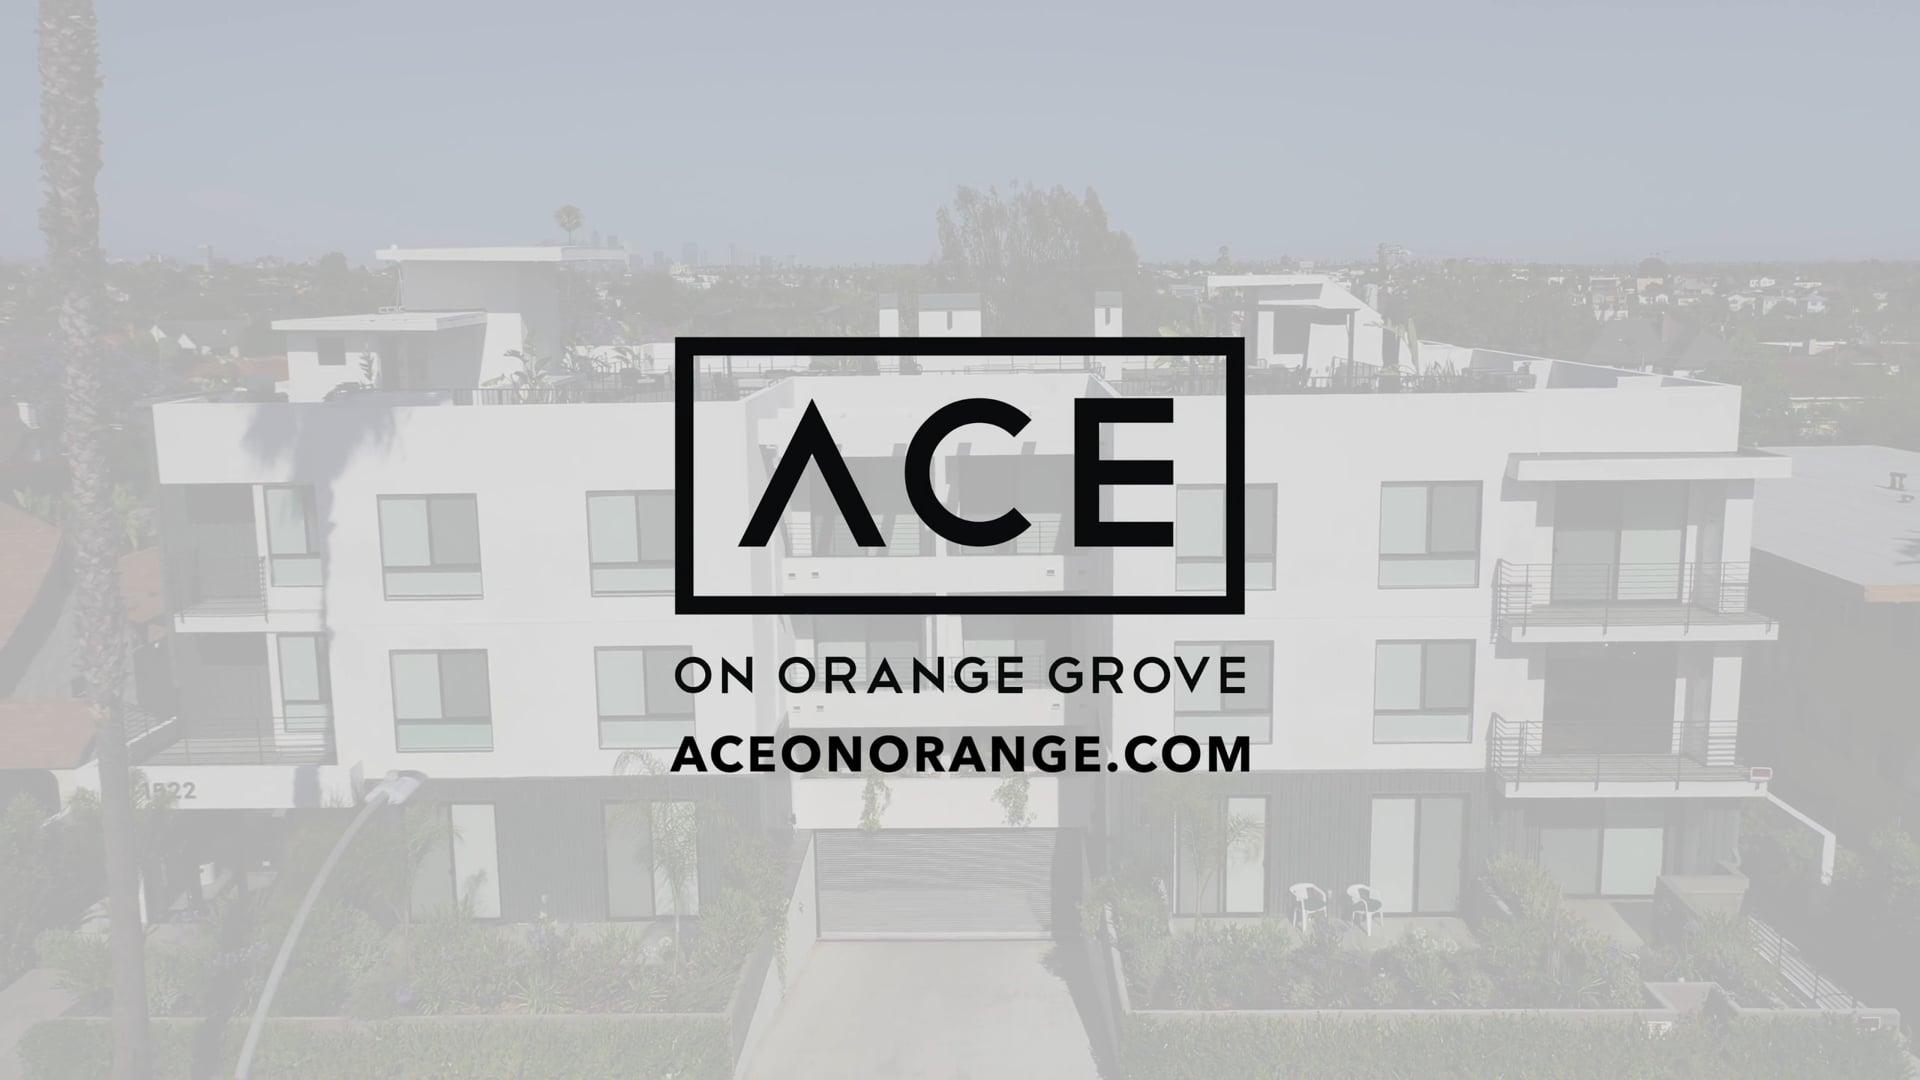 Ace on Orange